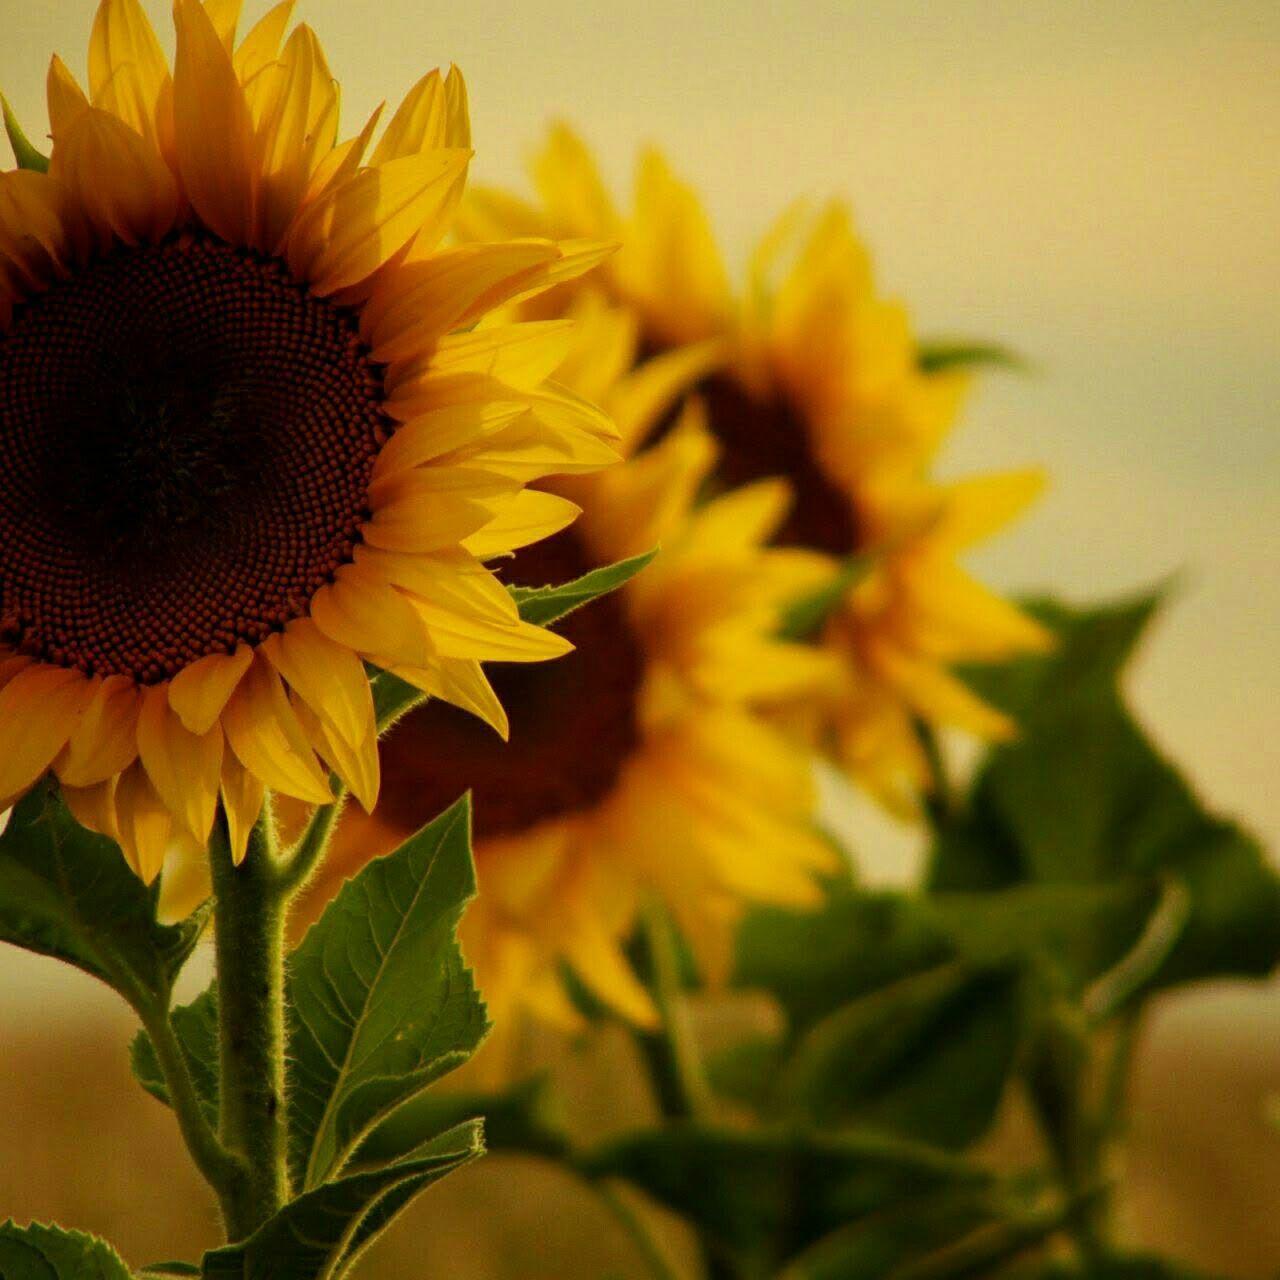 Pin By Margaret On Kwiaty Sunflower Wallpaper Beautiful Flowers Happy Flowers